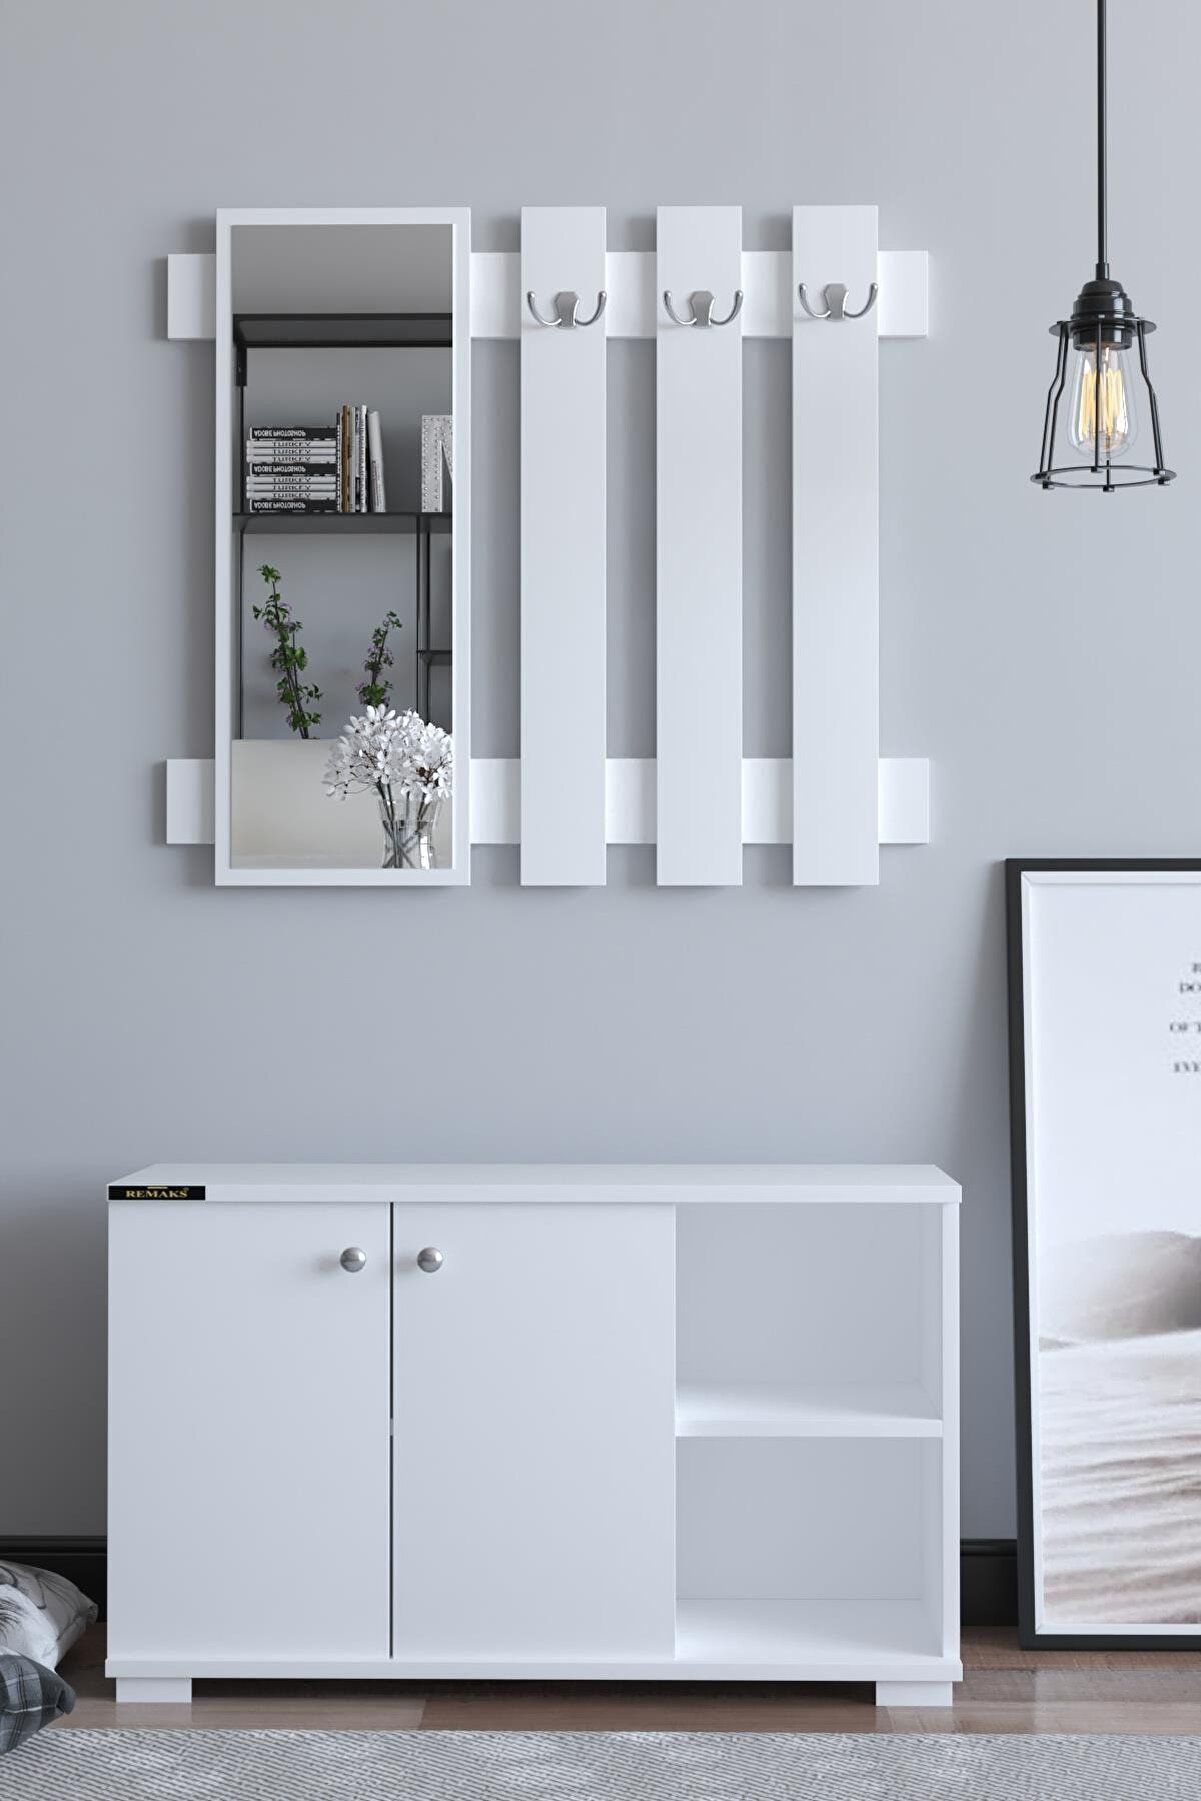 Remaks Plus Aynalı Vestiyer Ayakkabılık Portmanto Ve Duvar Askısı - Beyaz / Beyaz